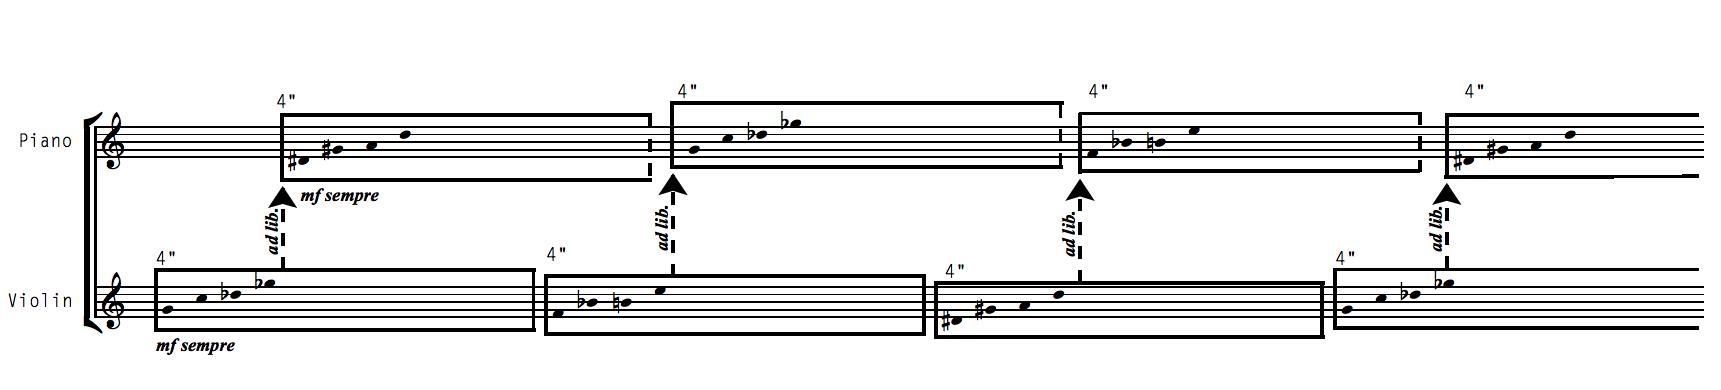 sz pulses - score detail